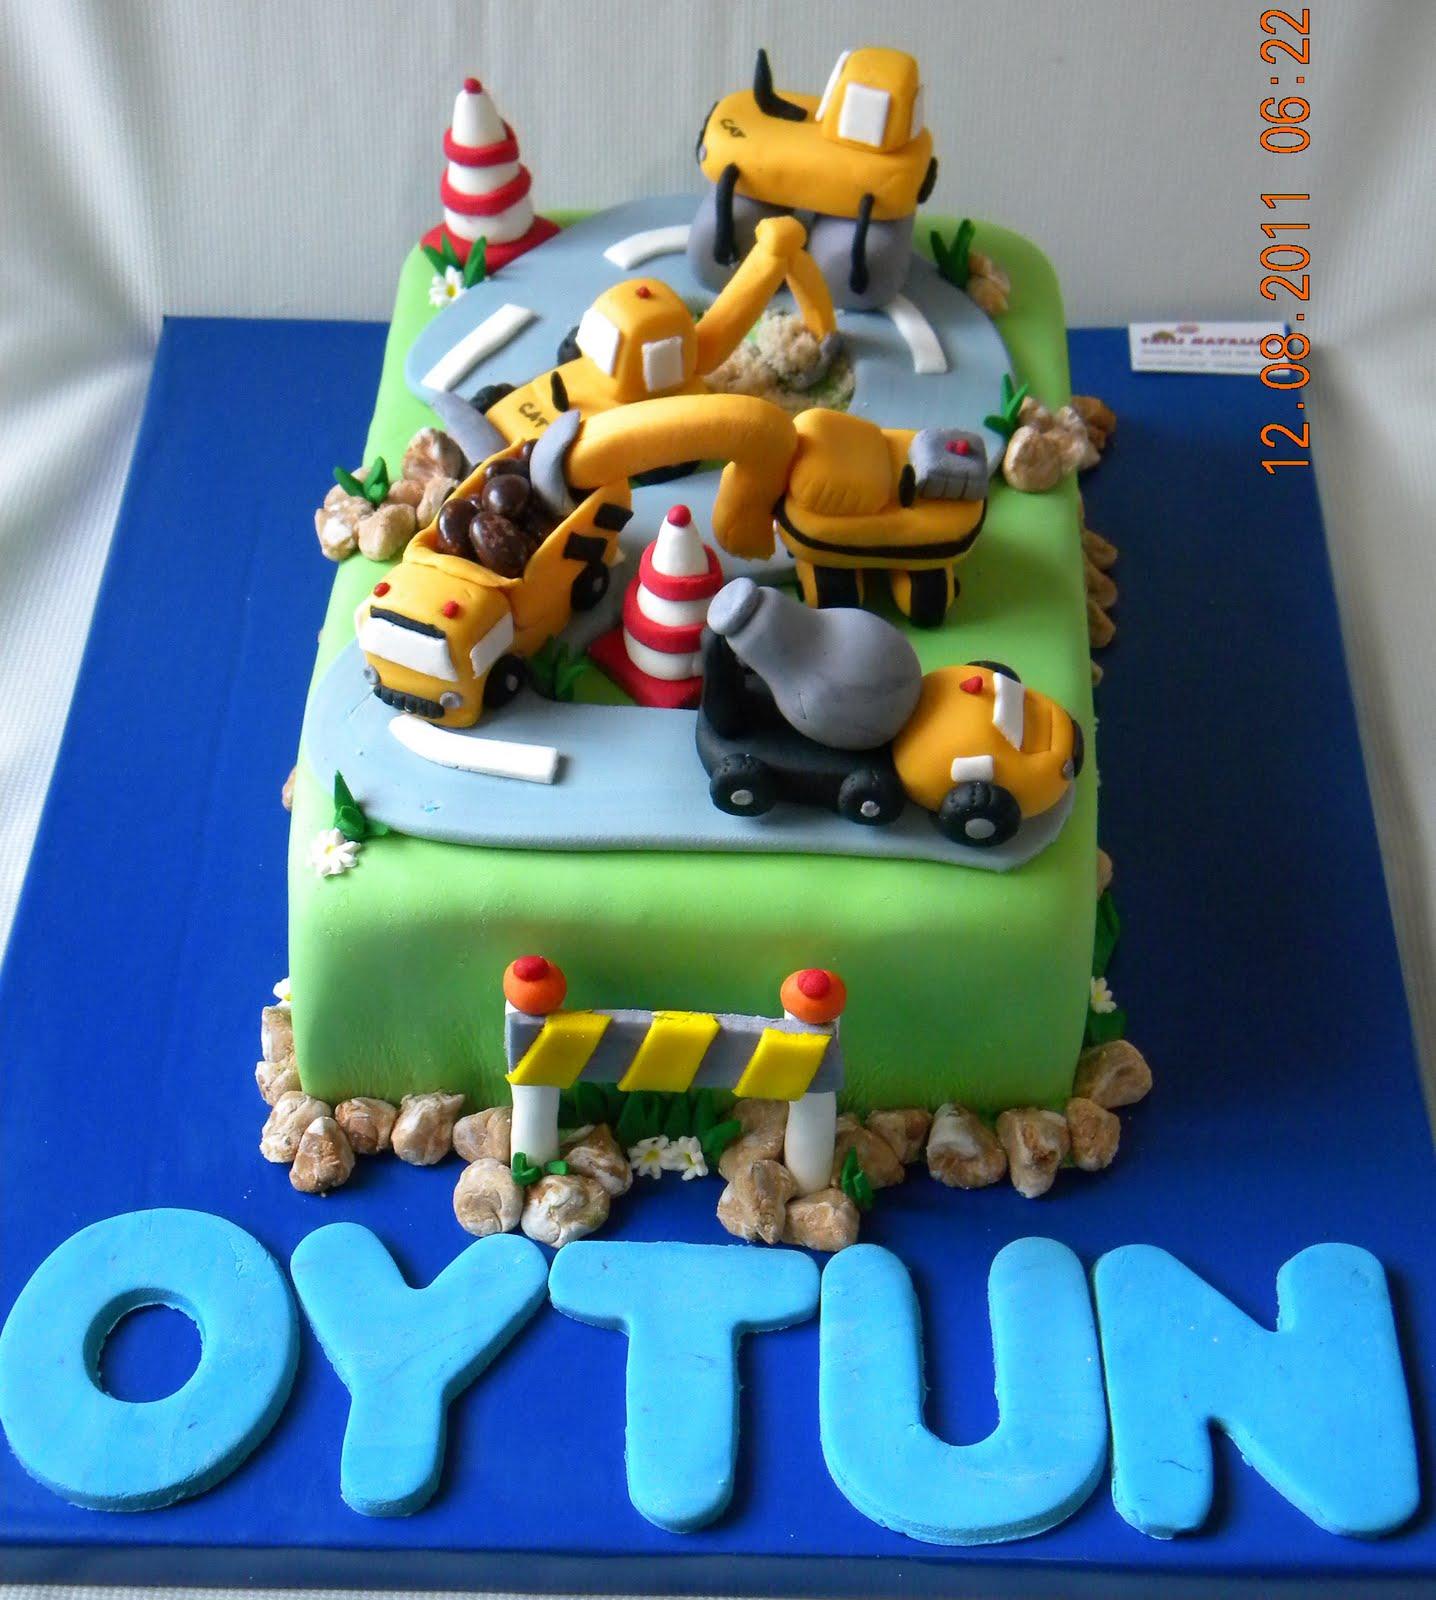 Doğum günü için iş makineleri temalı bir pasta istedi benden